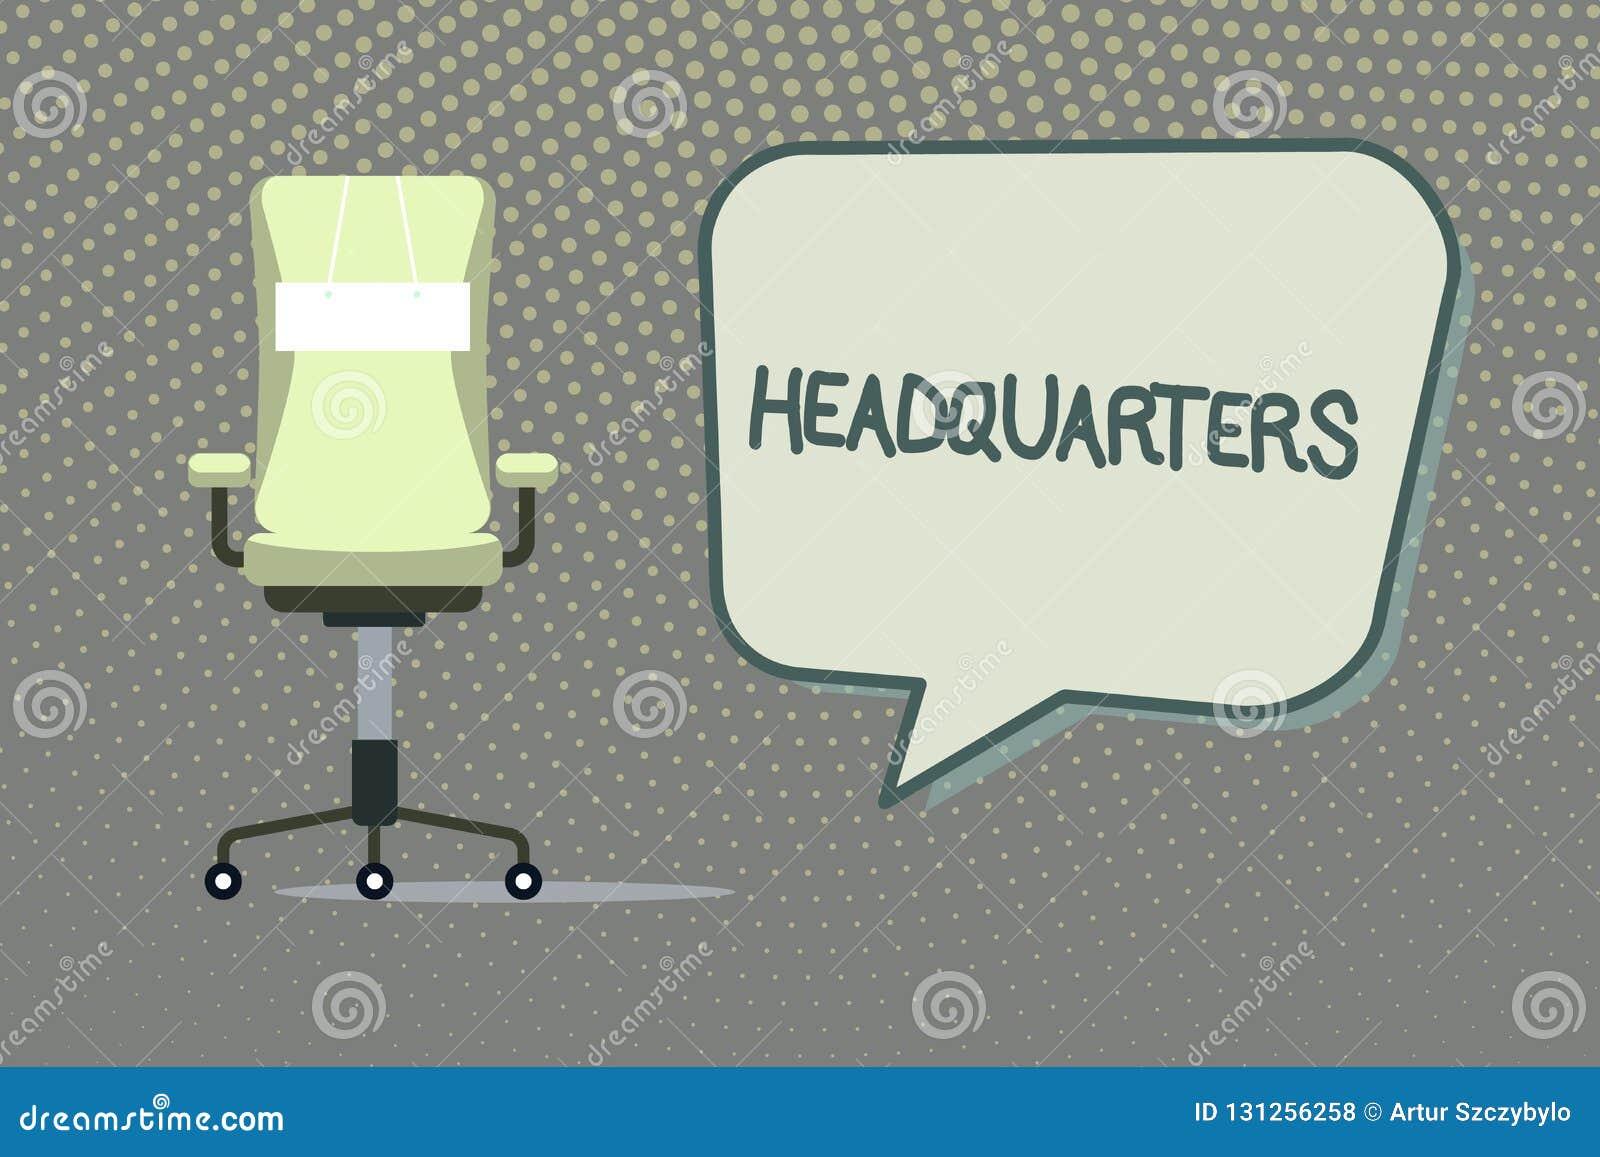 Schreiben der Anmerkung, die Hauptsitze zeigt Geschäftsfoto, das Haupt- Büros Voraussetzungen besetzt durch ein Militär-comanalys